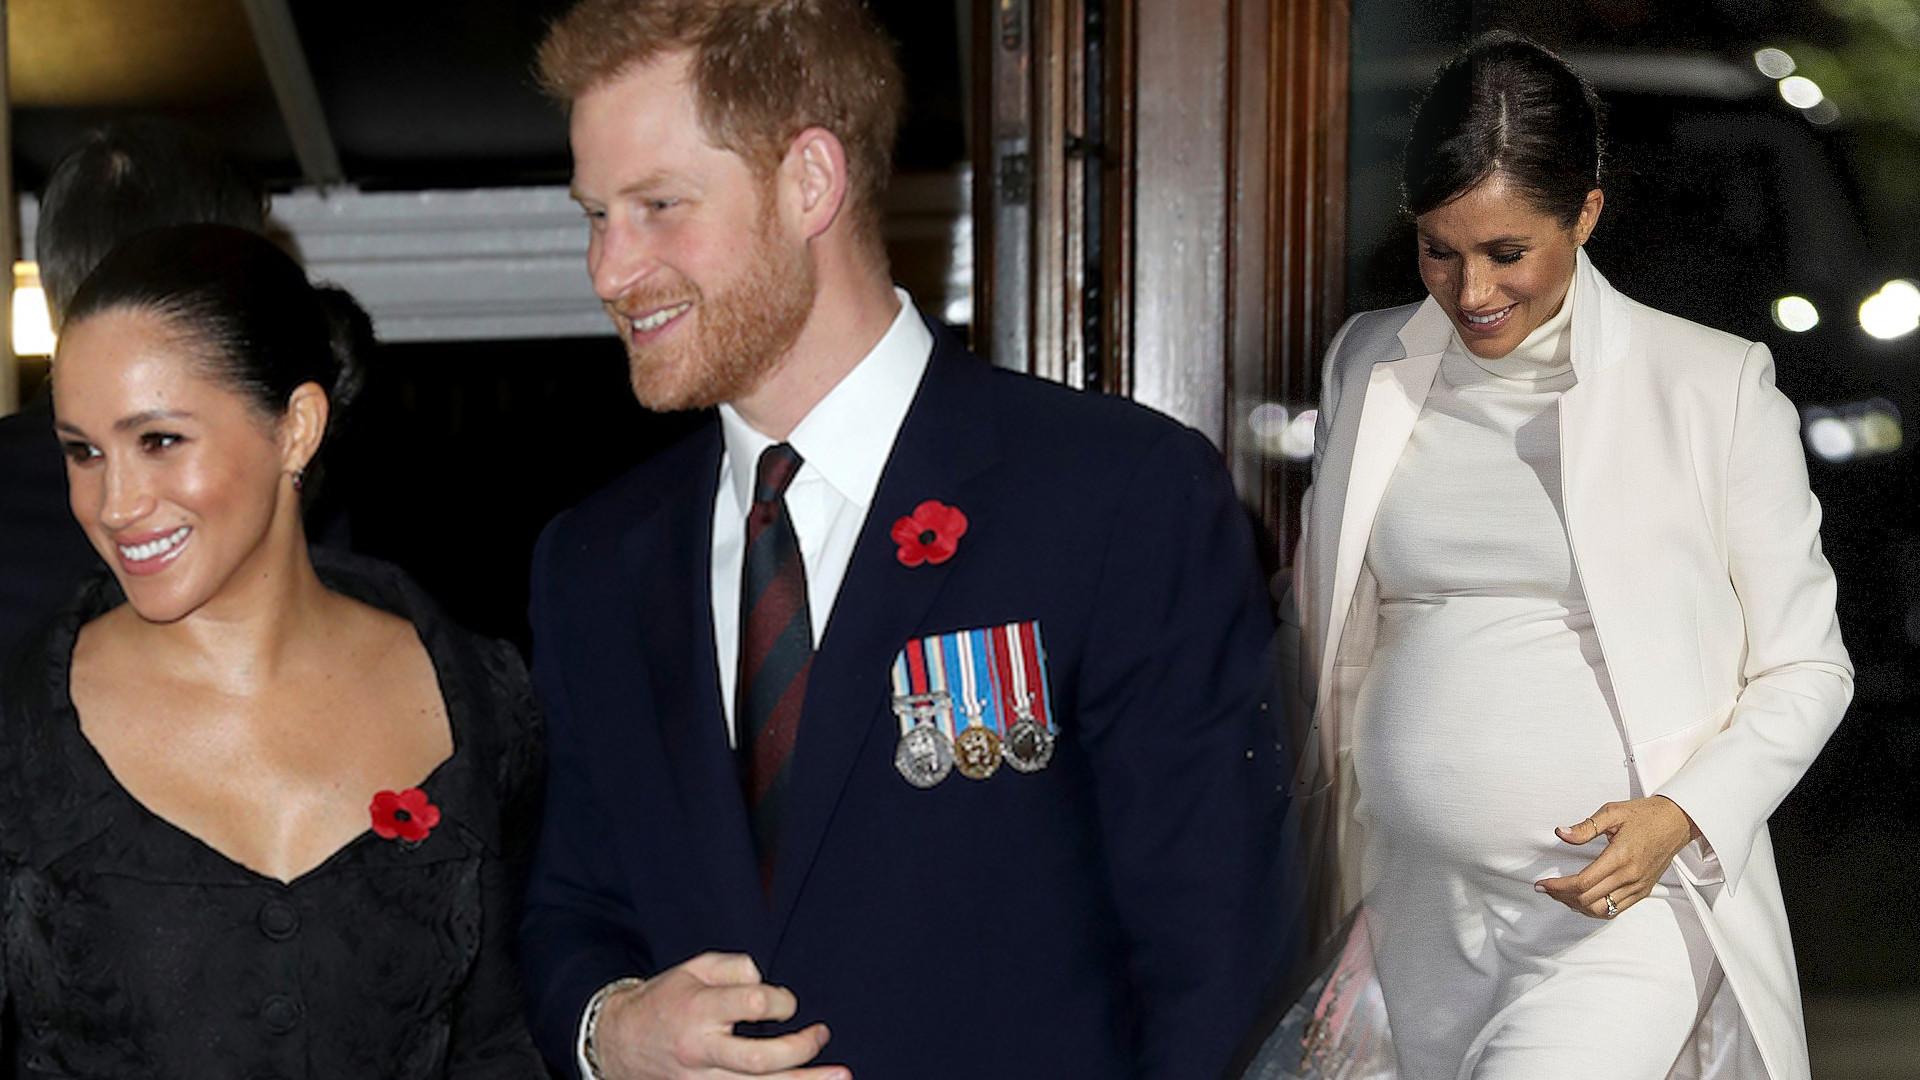 Księżna Meghan urodzi drugie dziecko? Rozmowa księcia Harry'ego daje do myślenia